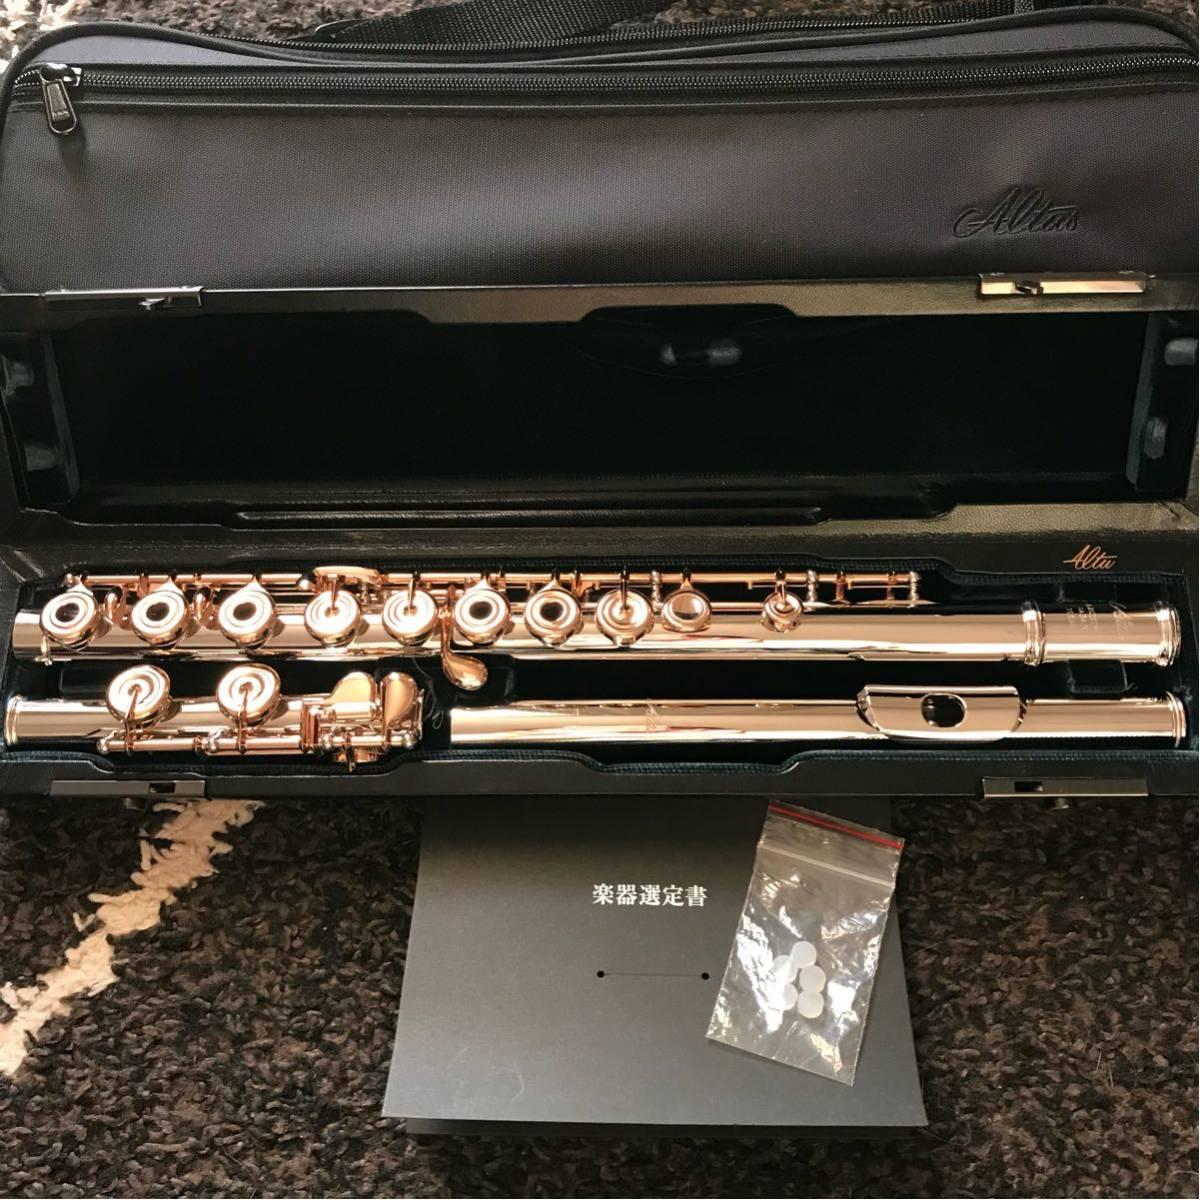 アルタスフルートGPTハンドメイド総銀製プラチナコーティングモデル新品同様美品安心のデニス・ブリアコフ氏選定品